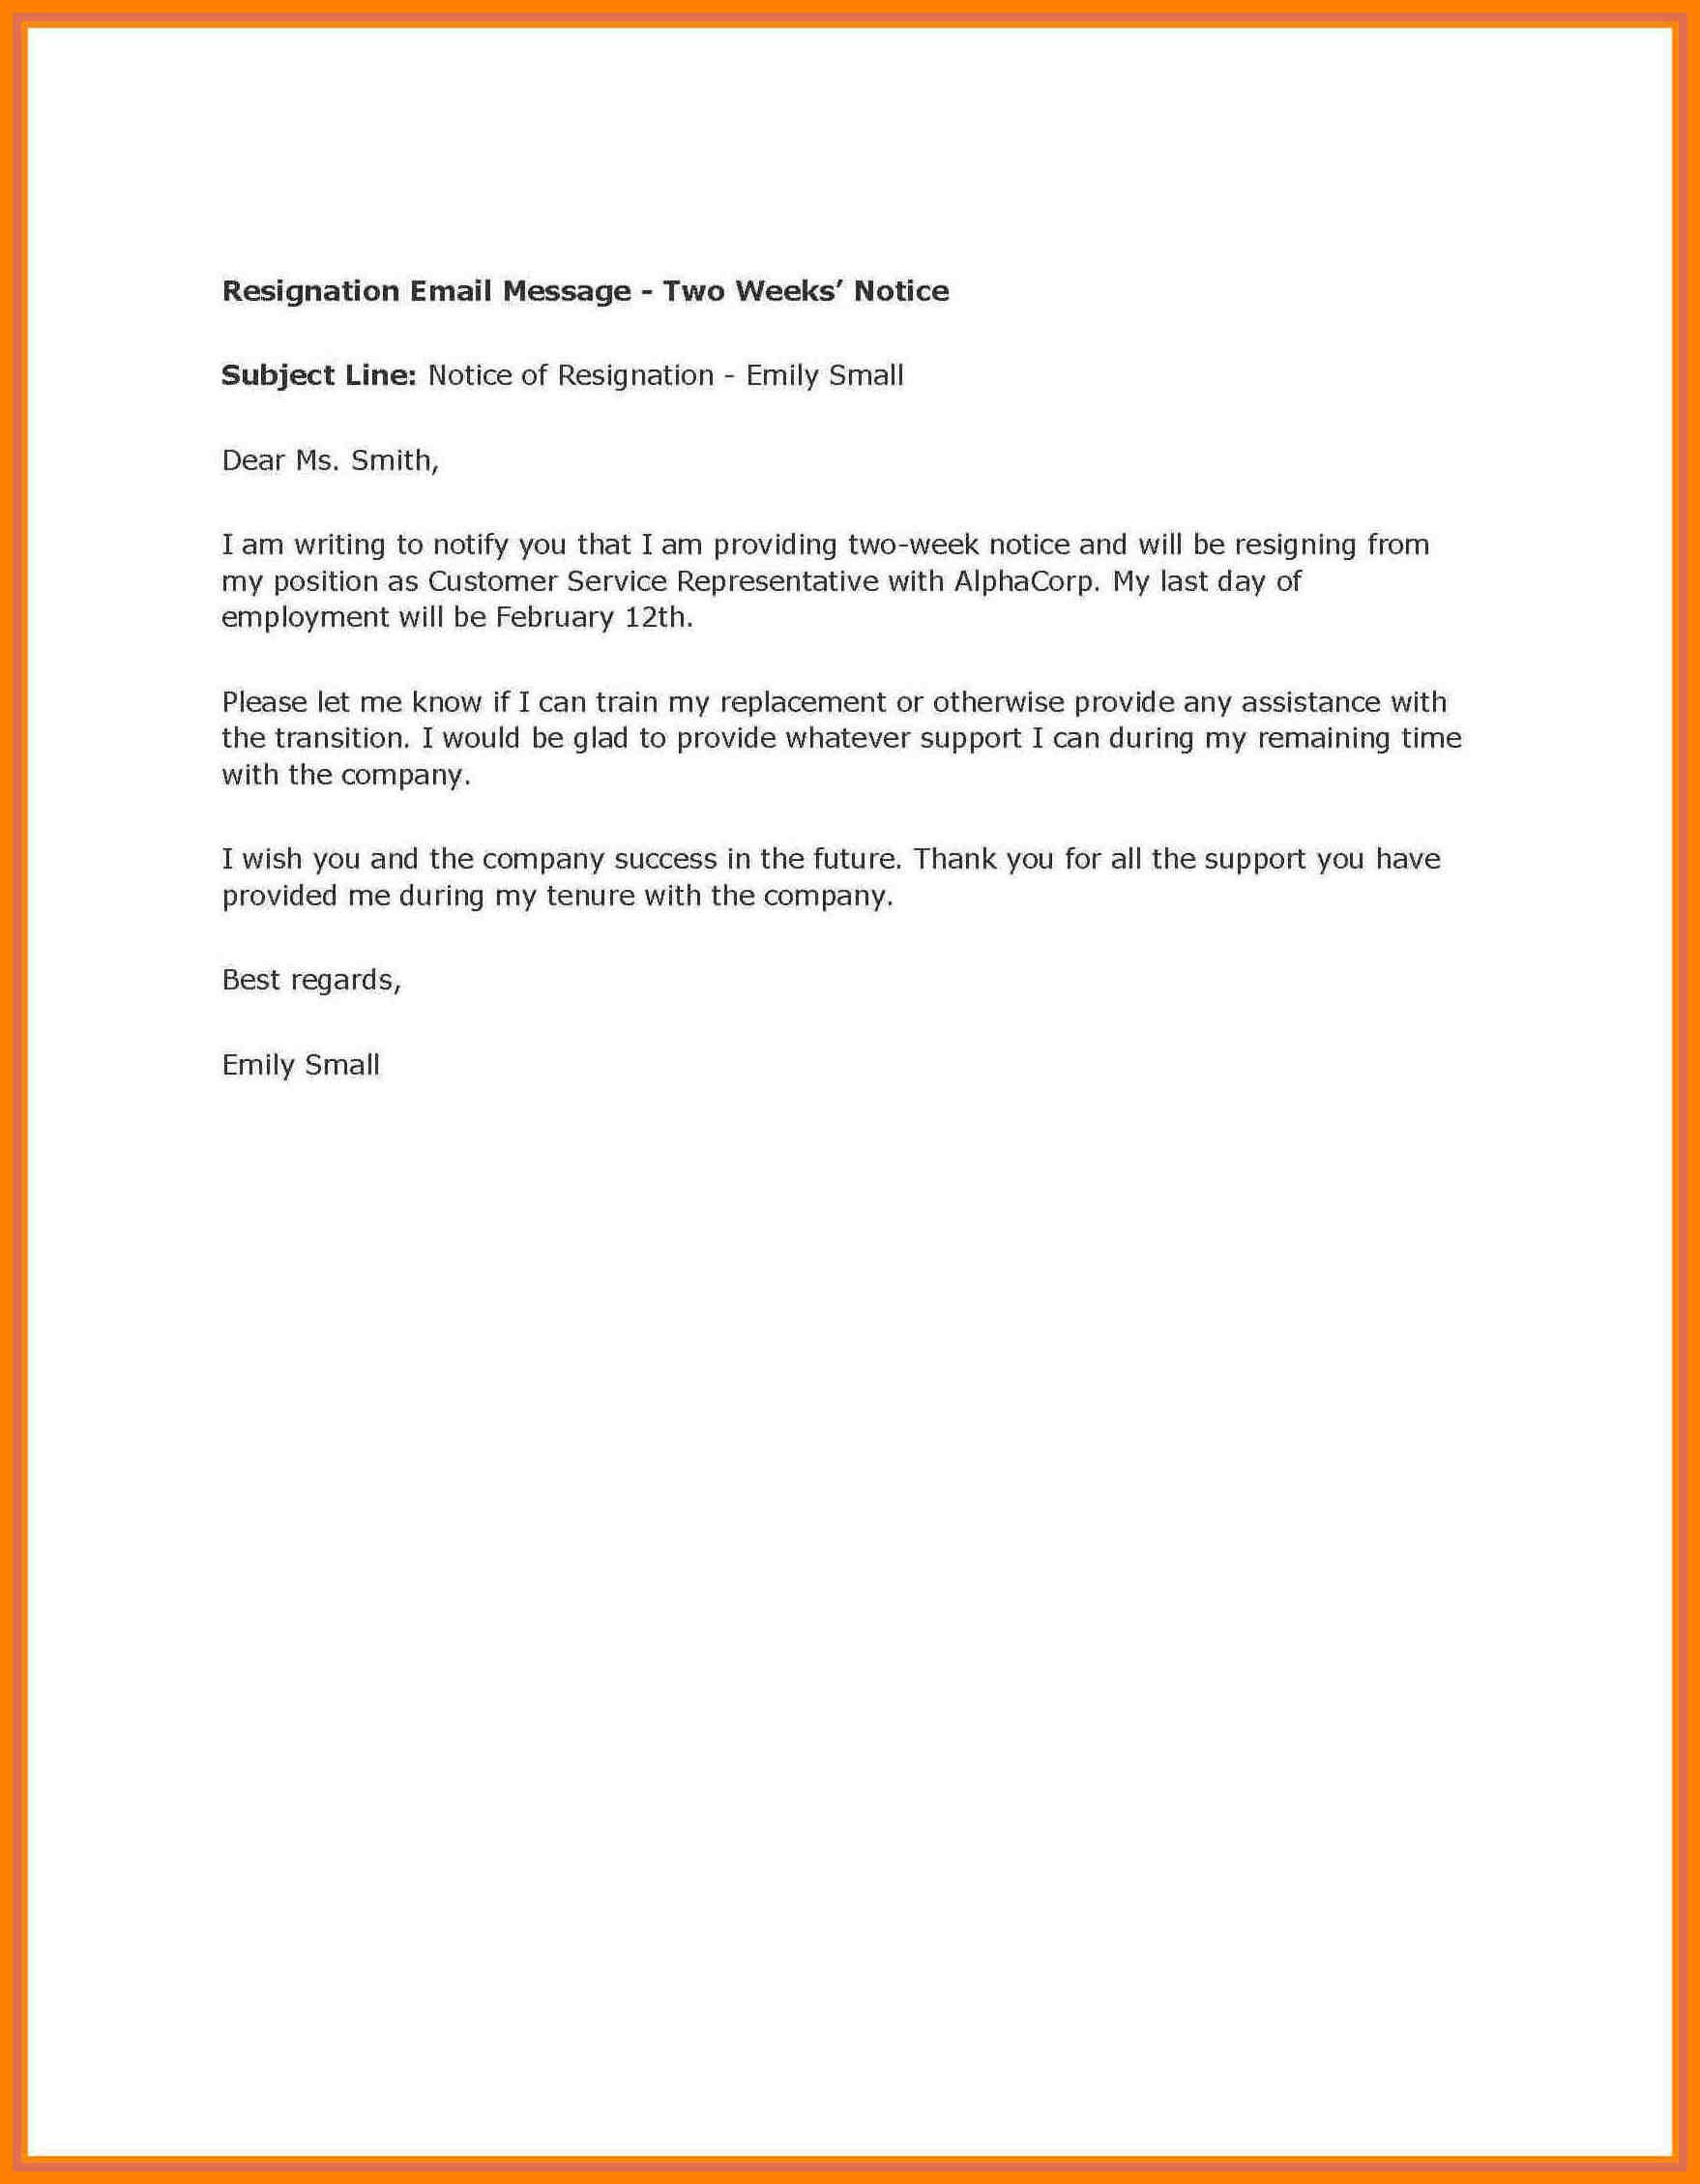 002 Week Notice Template Word Ideas Two Weeks Letter Example Regarding Two Week Notice Template Word